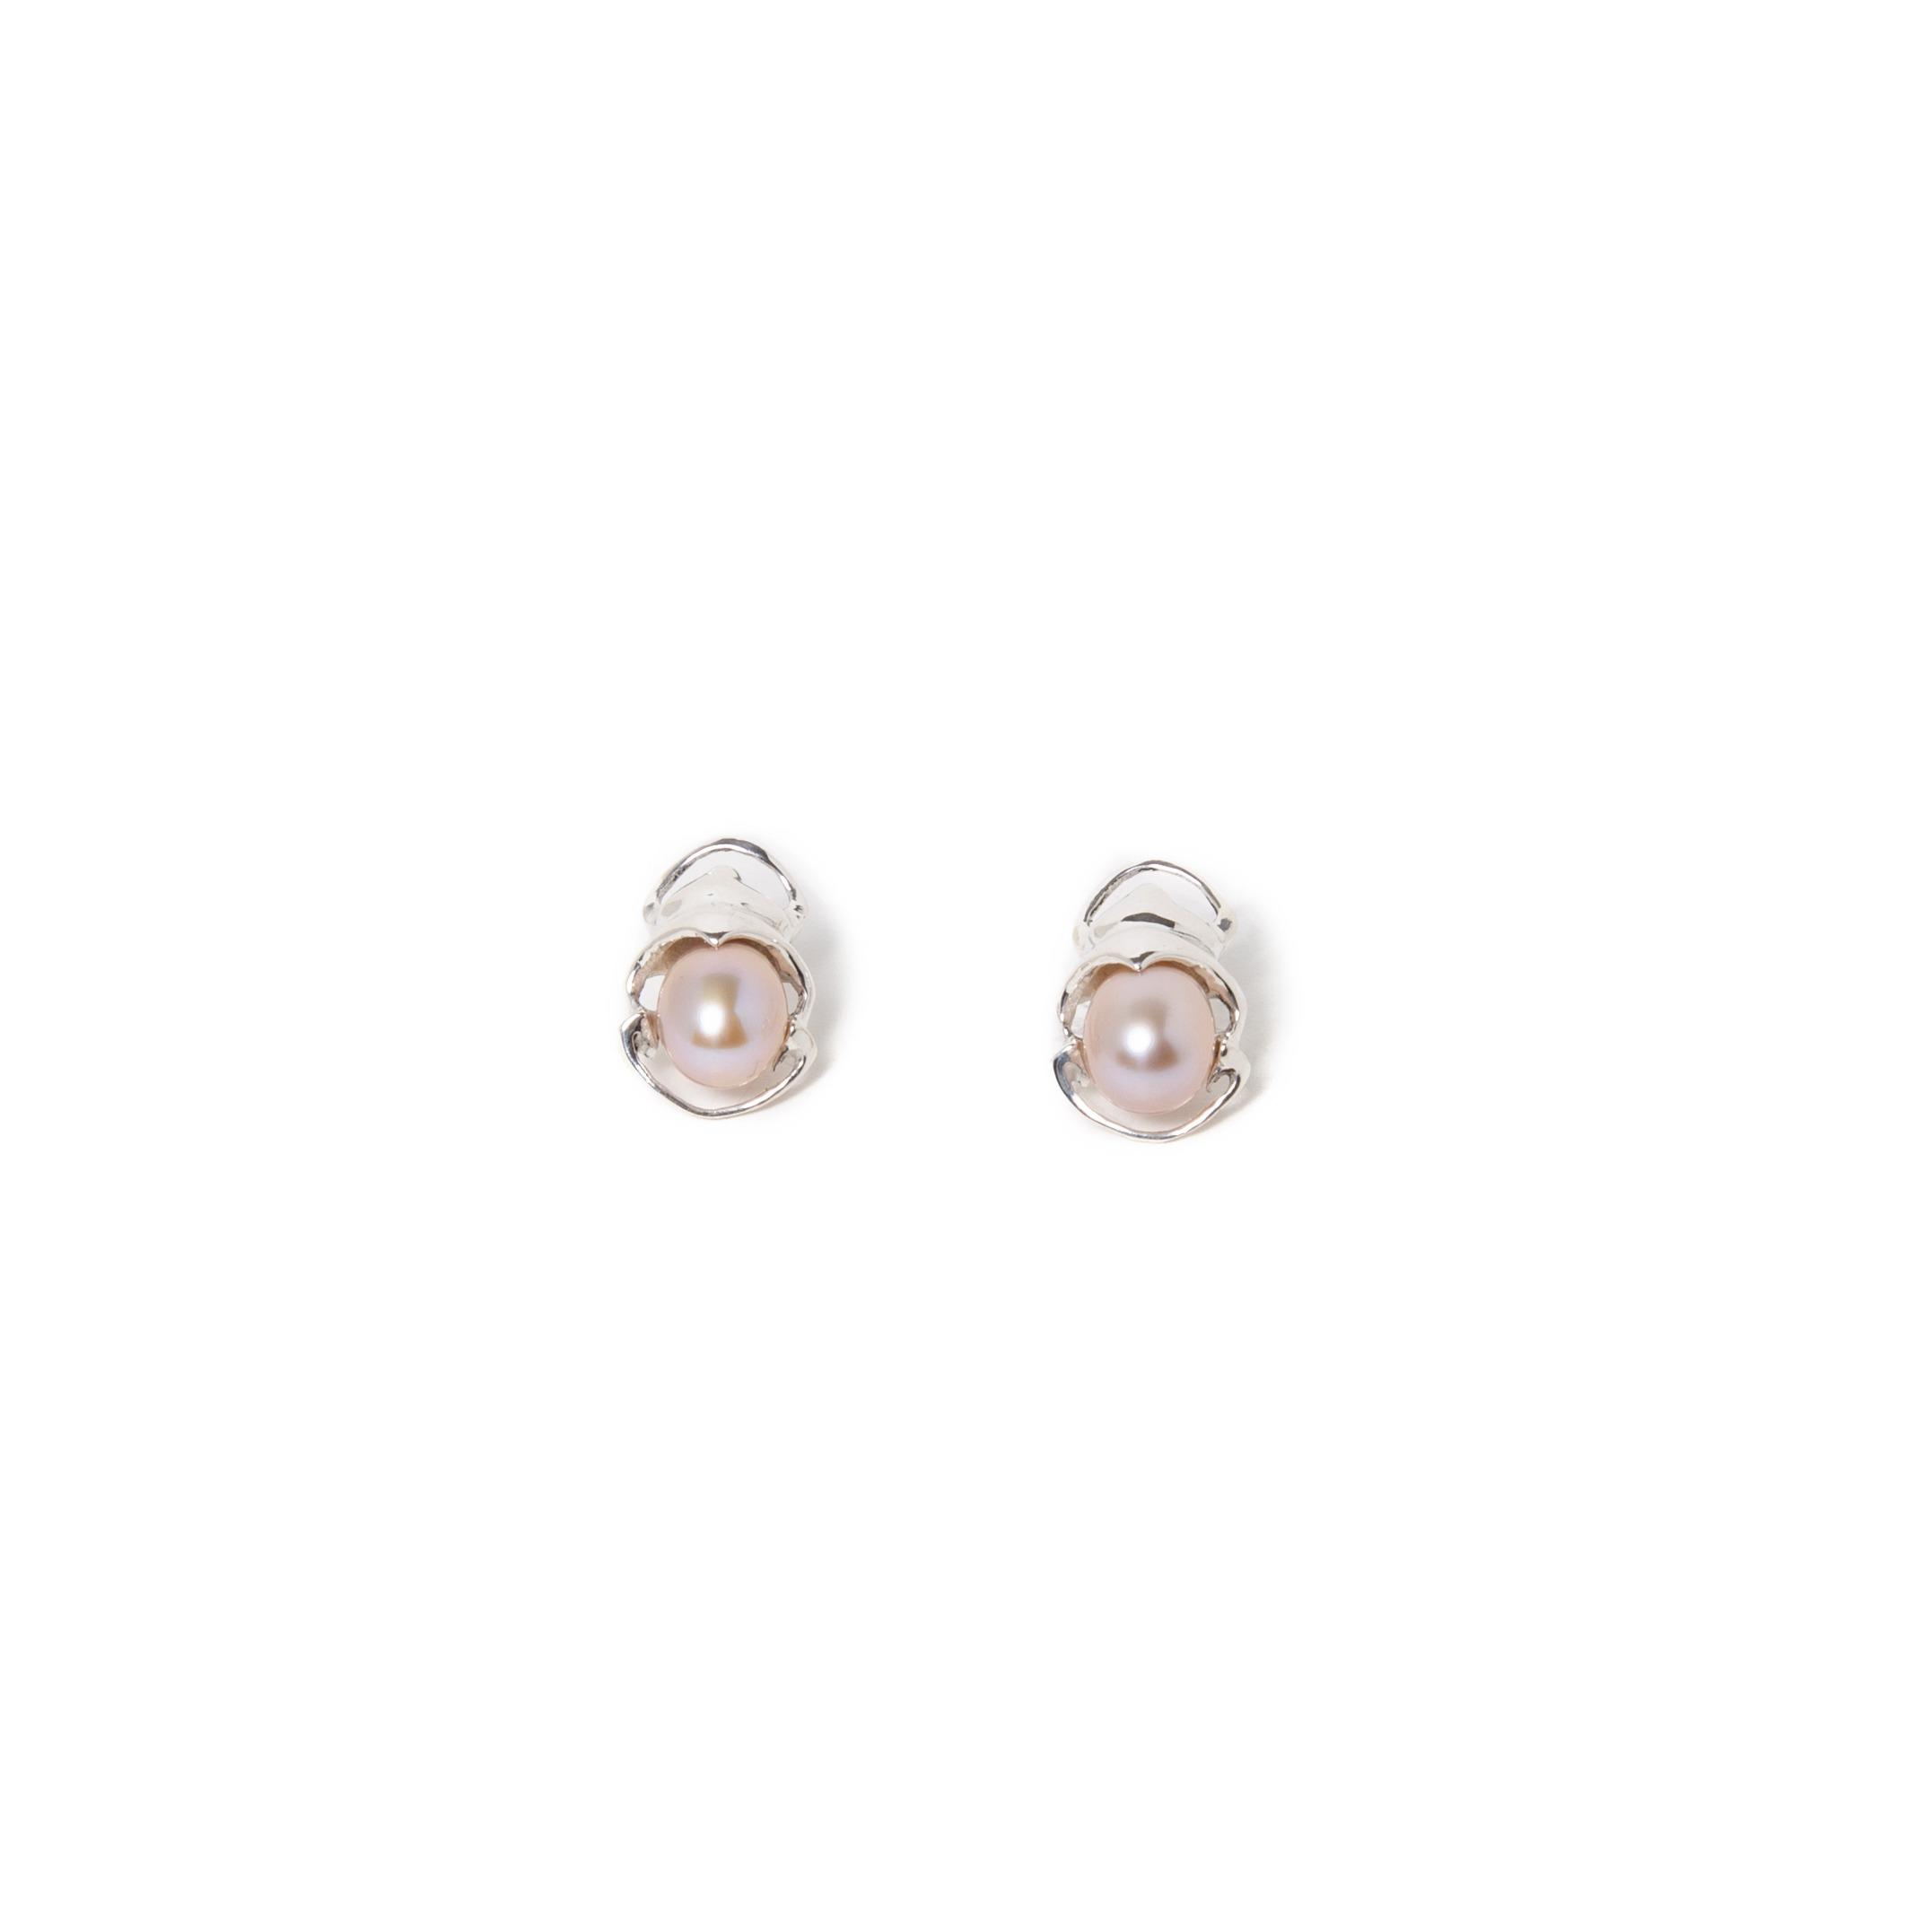 Boucles d'oreilles Isis en argent sterling, par SCARO